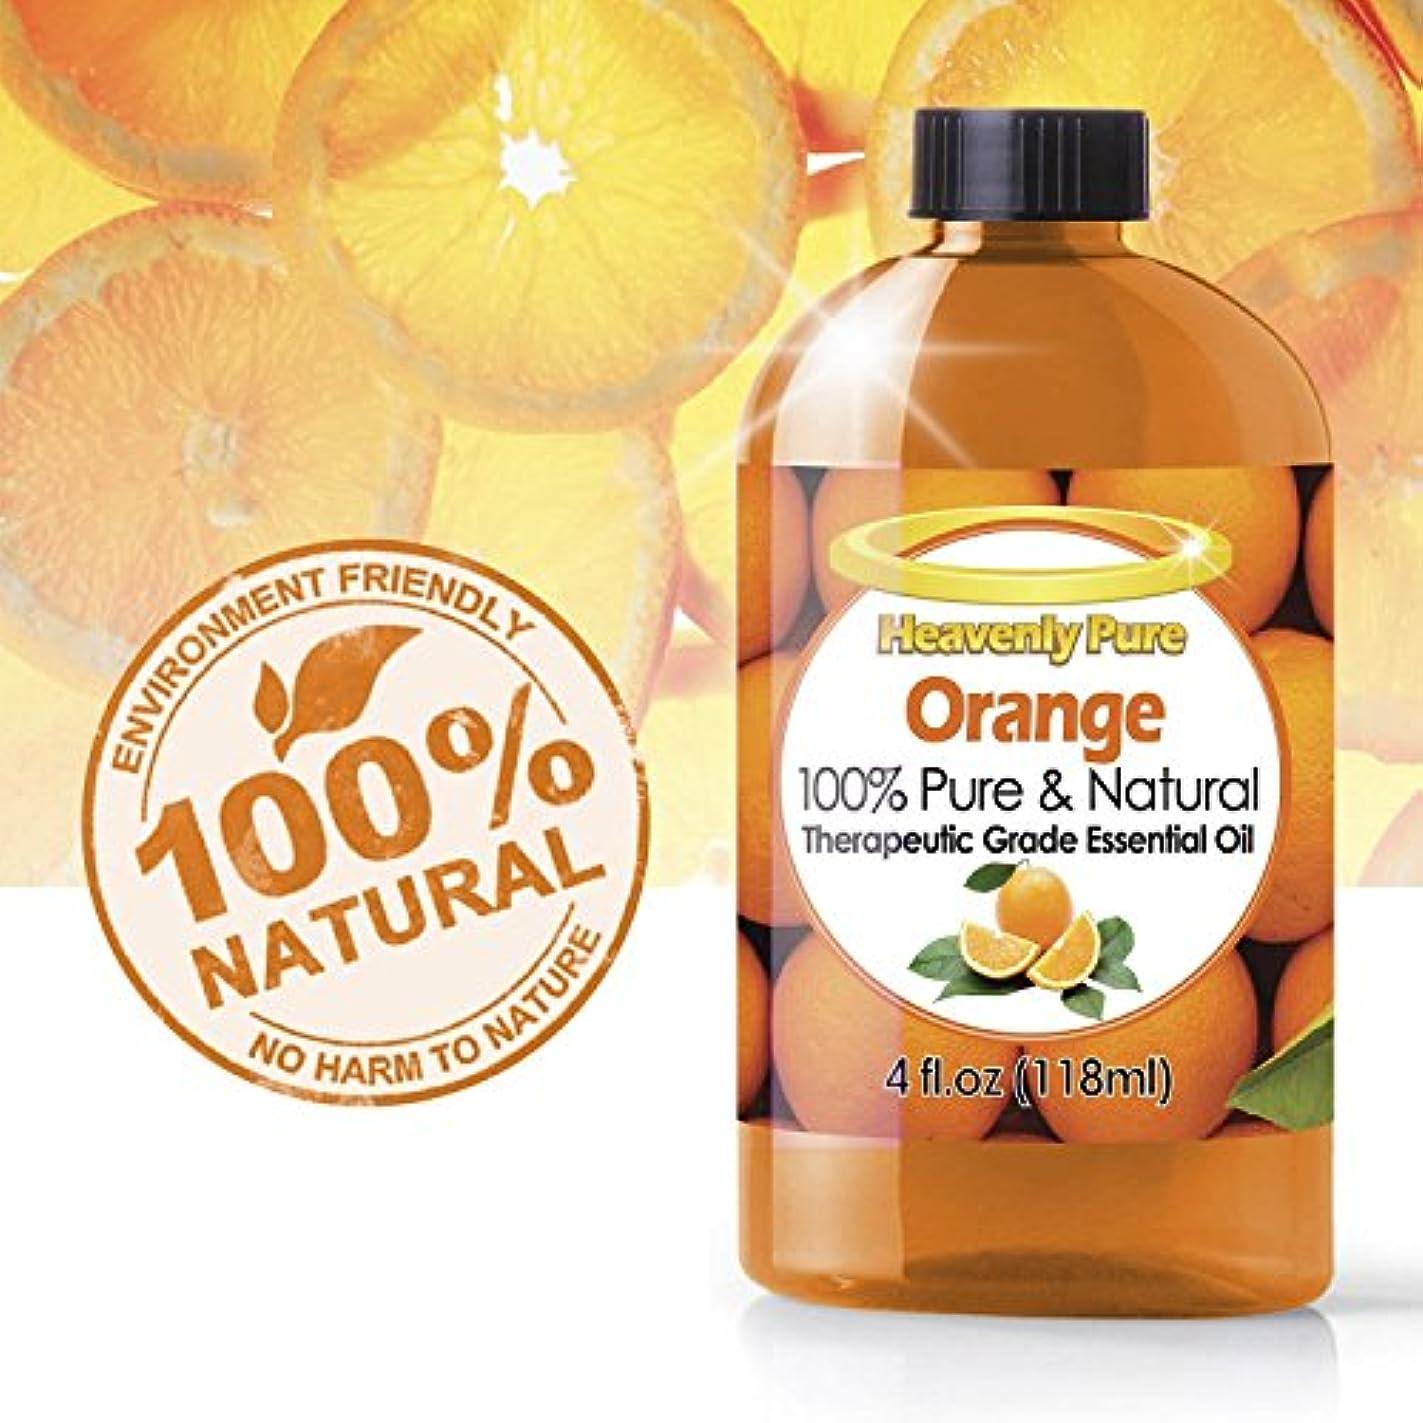 変化ピストン意見オレンジエッセンシャルオイル(HUGE 4 OZ)アイドロップ剤 - 100%ピュア&ナチュラルスイートシトラスアロマ - 治療グレード - オレンジオイルはアロマセラピー、イミュニティ、天然抗菌、および洗浄に最適です